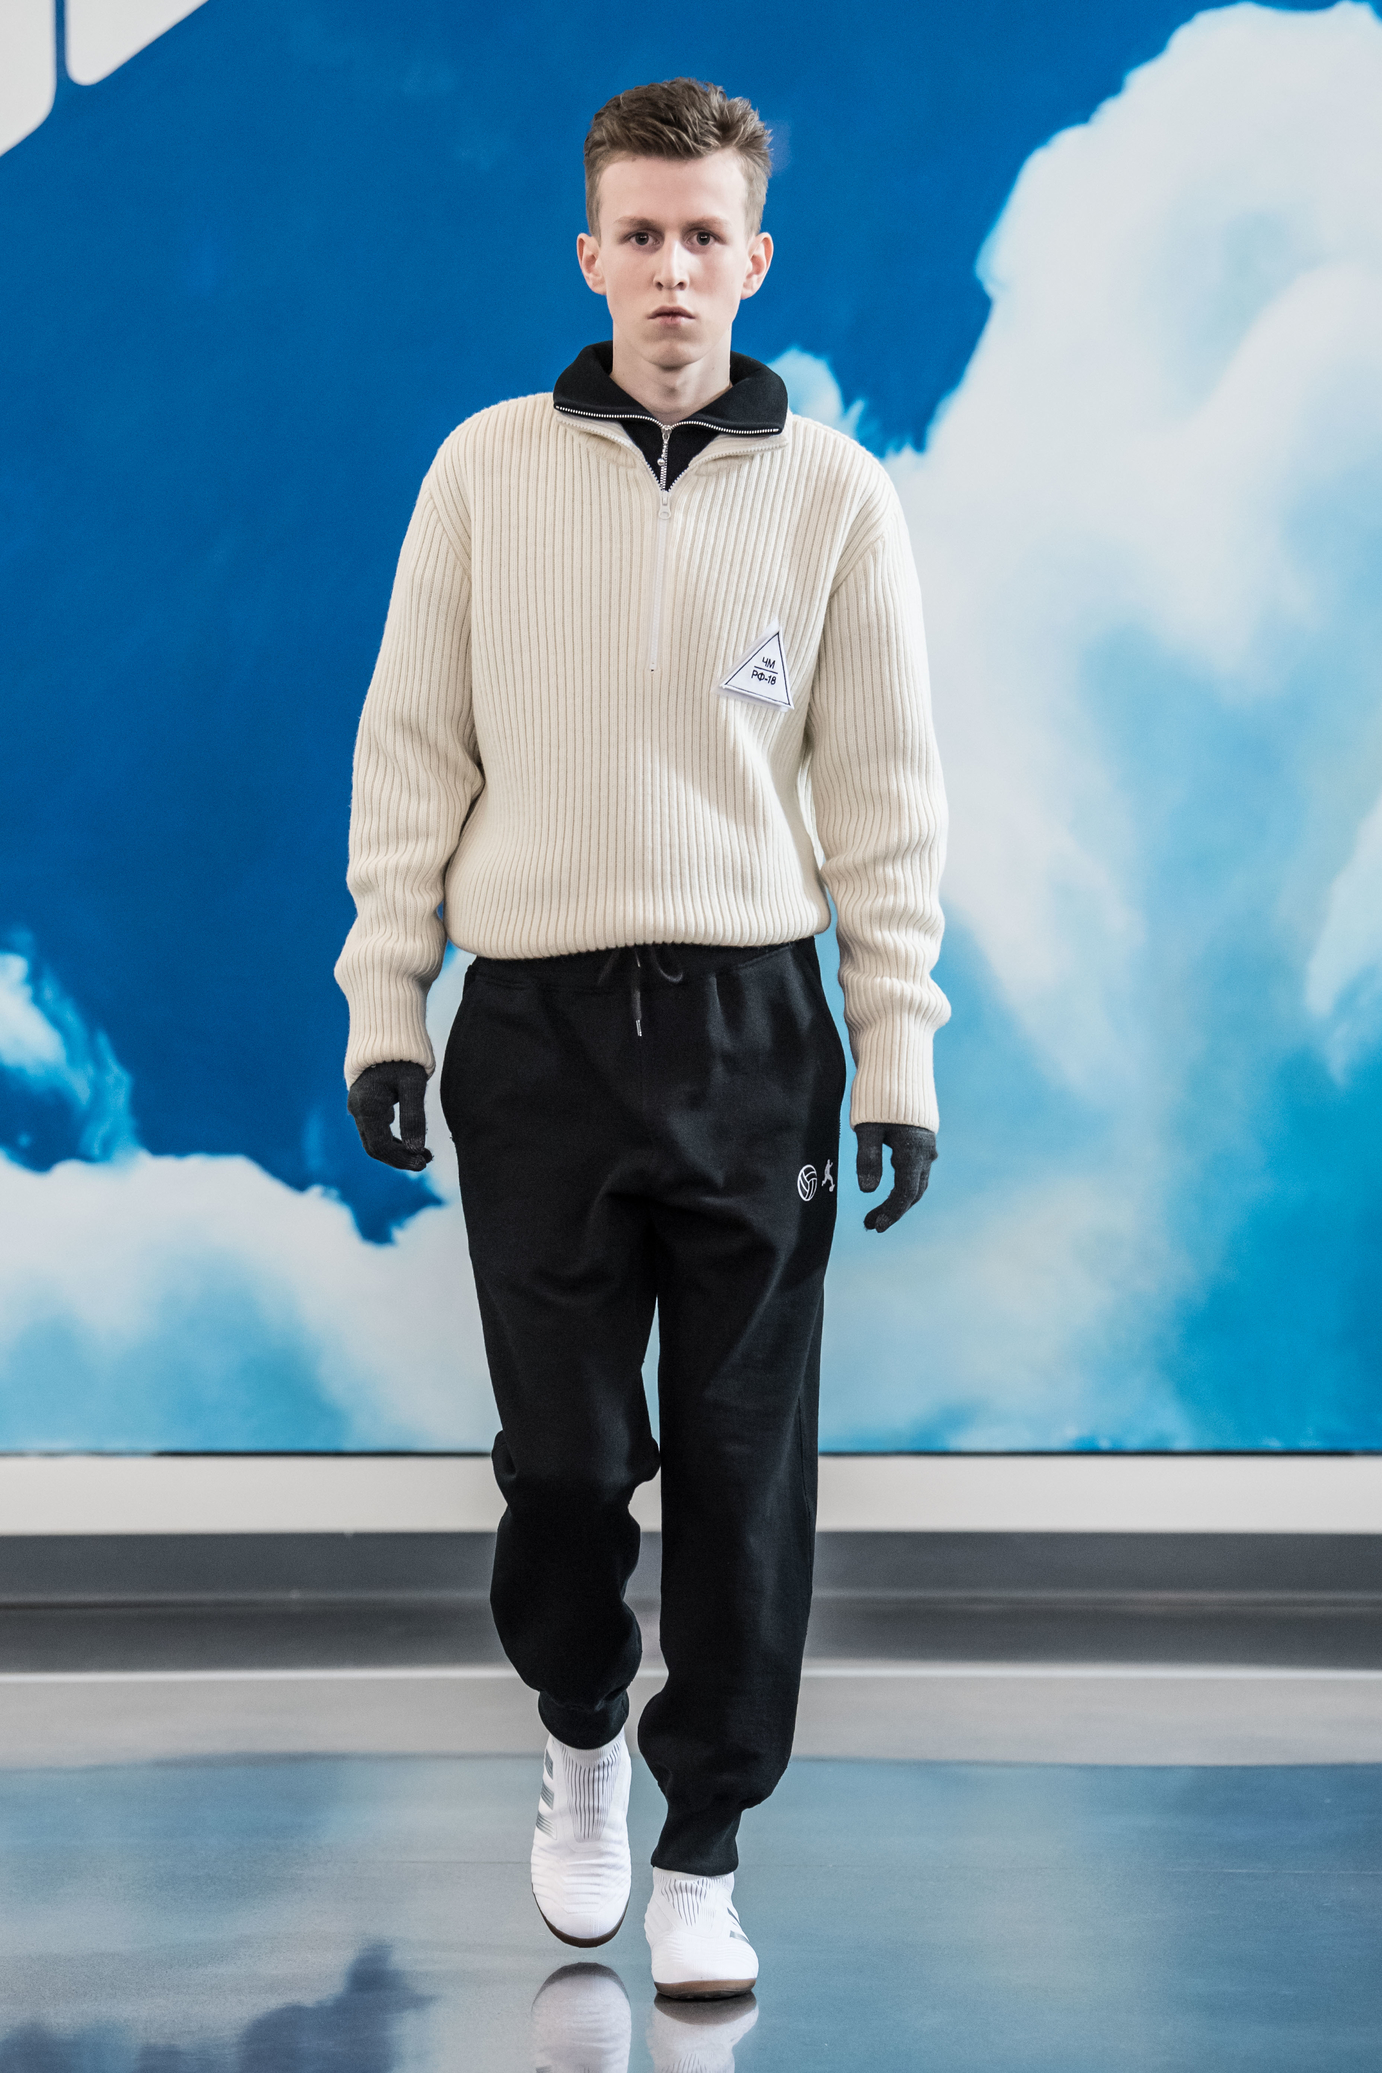 Gosha Rubchinskiy Menswear Fall:Winter 2018